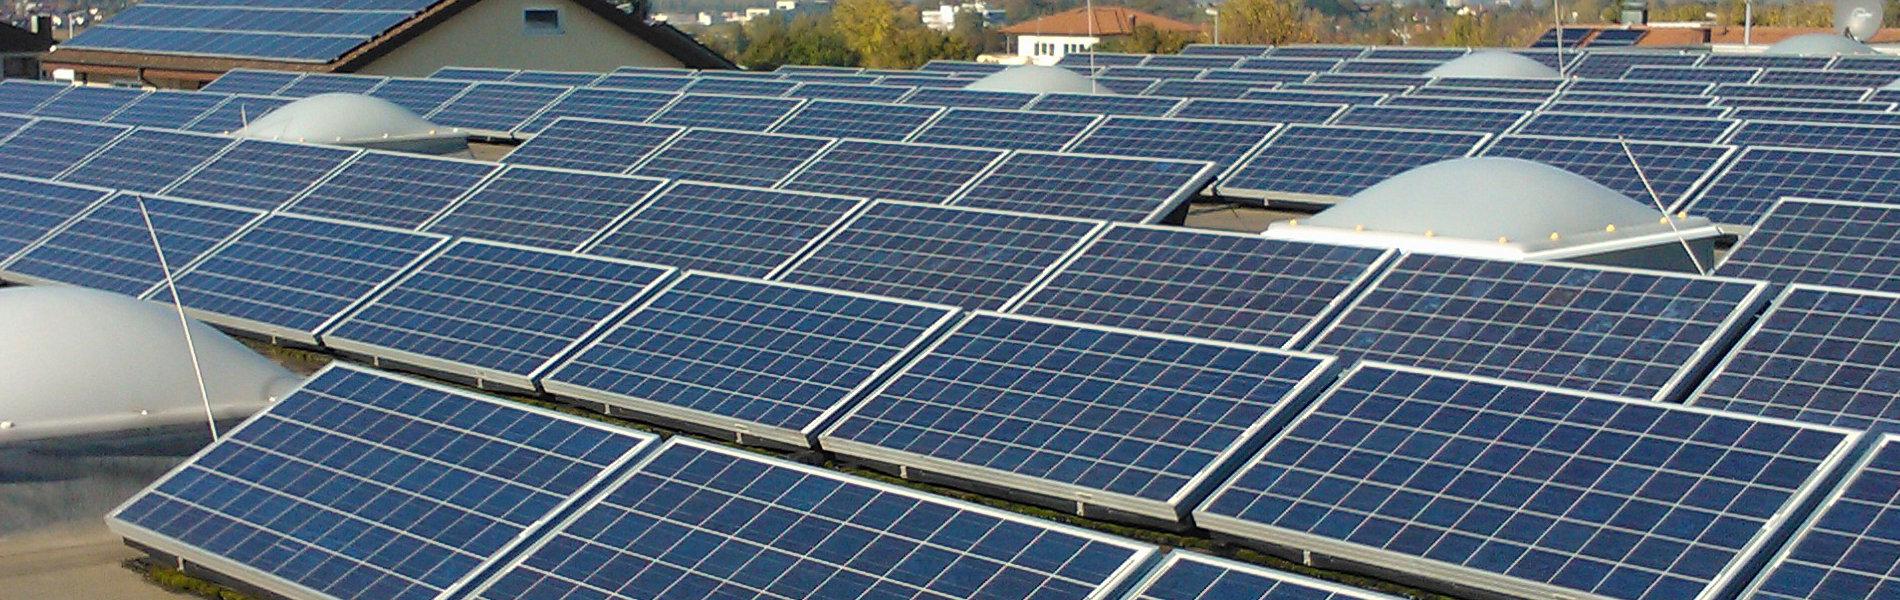 Aufgeständerte Photovoltaikanlage Hallendach